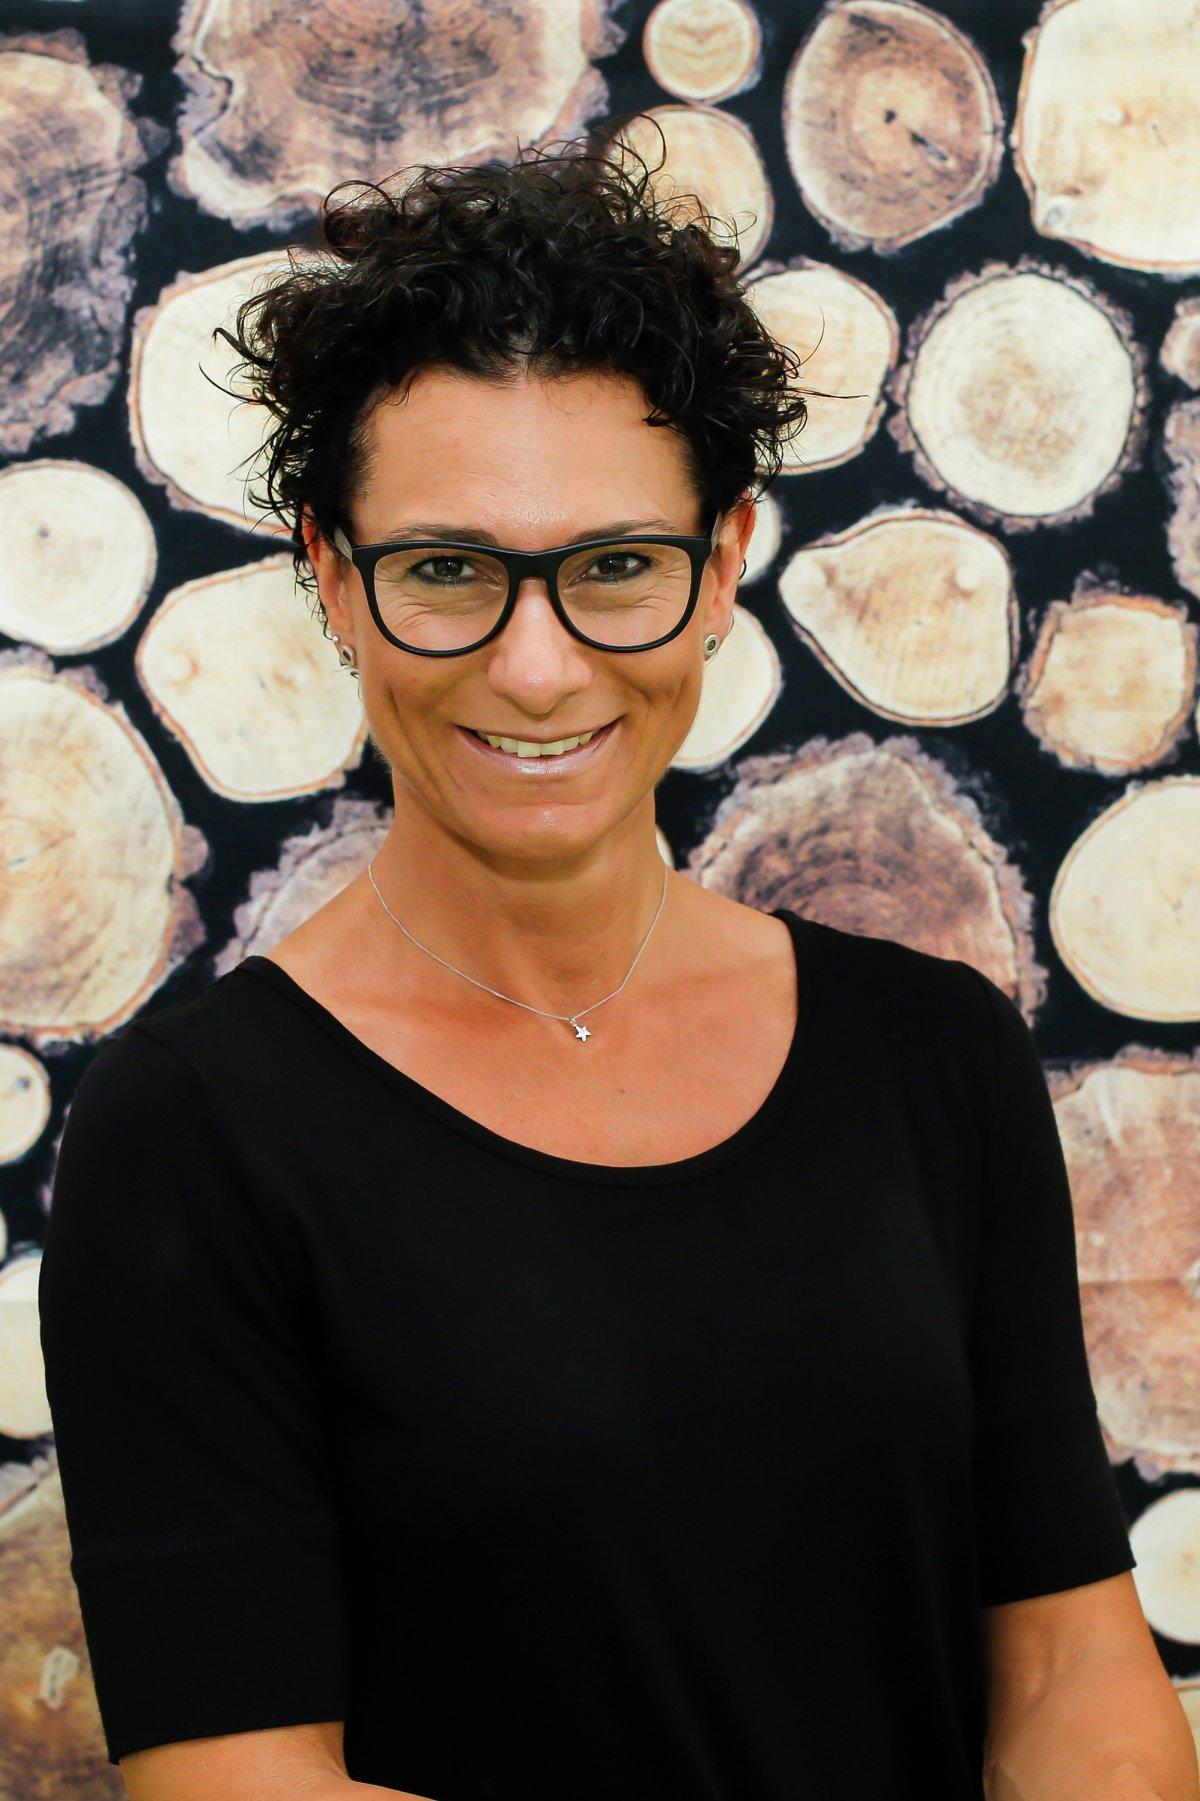 Auf dem Foto sieht man Tanja Missner aus Schwerte vor gestapelten Holzbäumen. Sie hat kurze schwarze Haare, die sich locken. Sie trägt eine schwarze eckige Brille, ein schwarzes T-Shirt sowie eine silberne Kette.